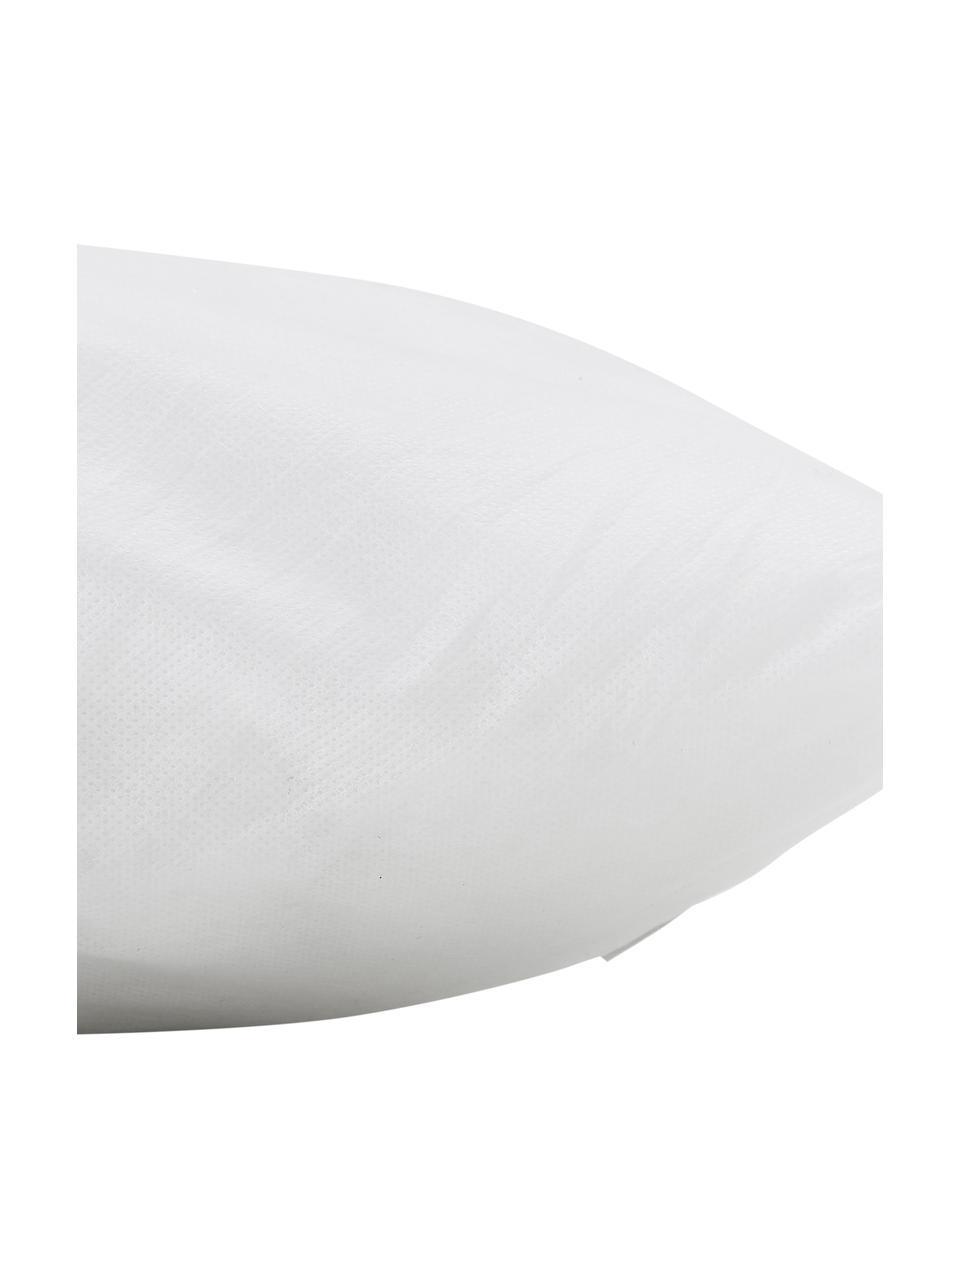 Wkład do poduszki Egret, 30x60, Tapicerka: włókna syntetyczne, Biały, S 30 x D 60 cm